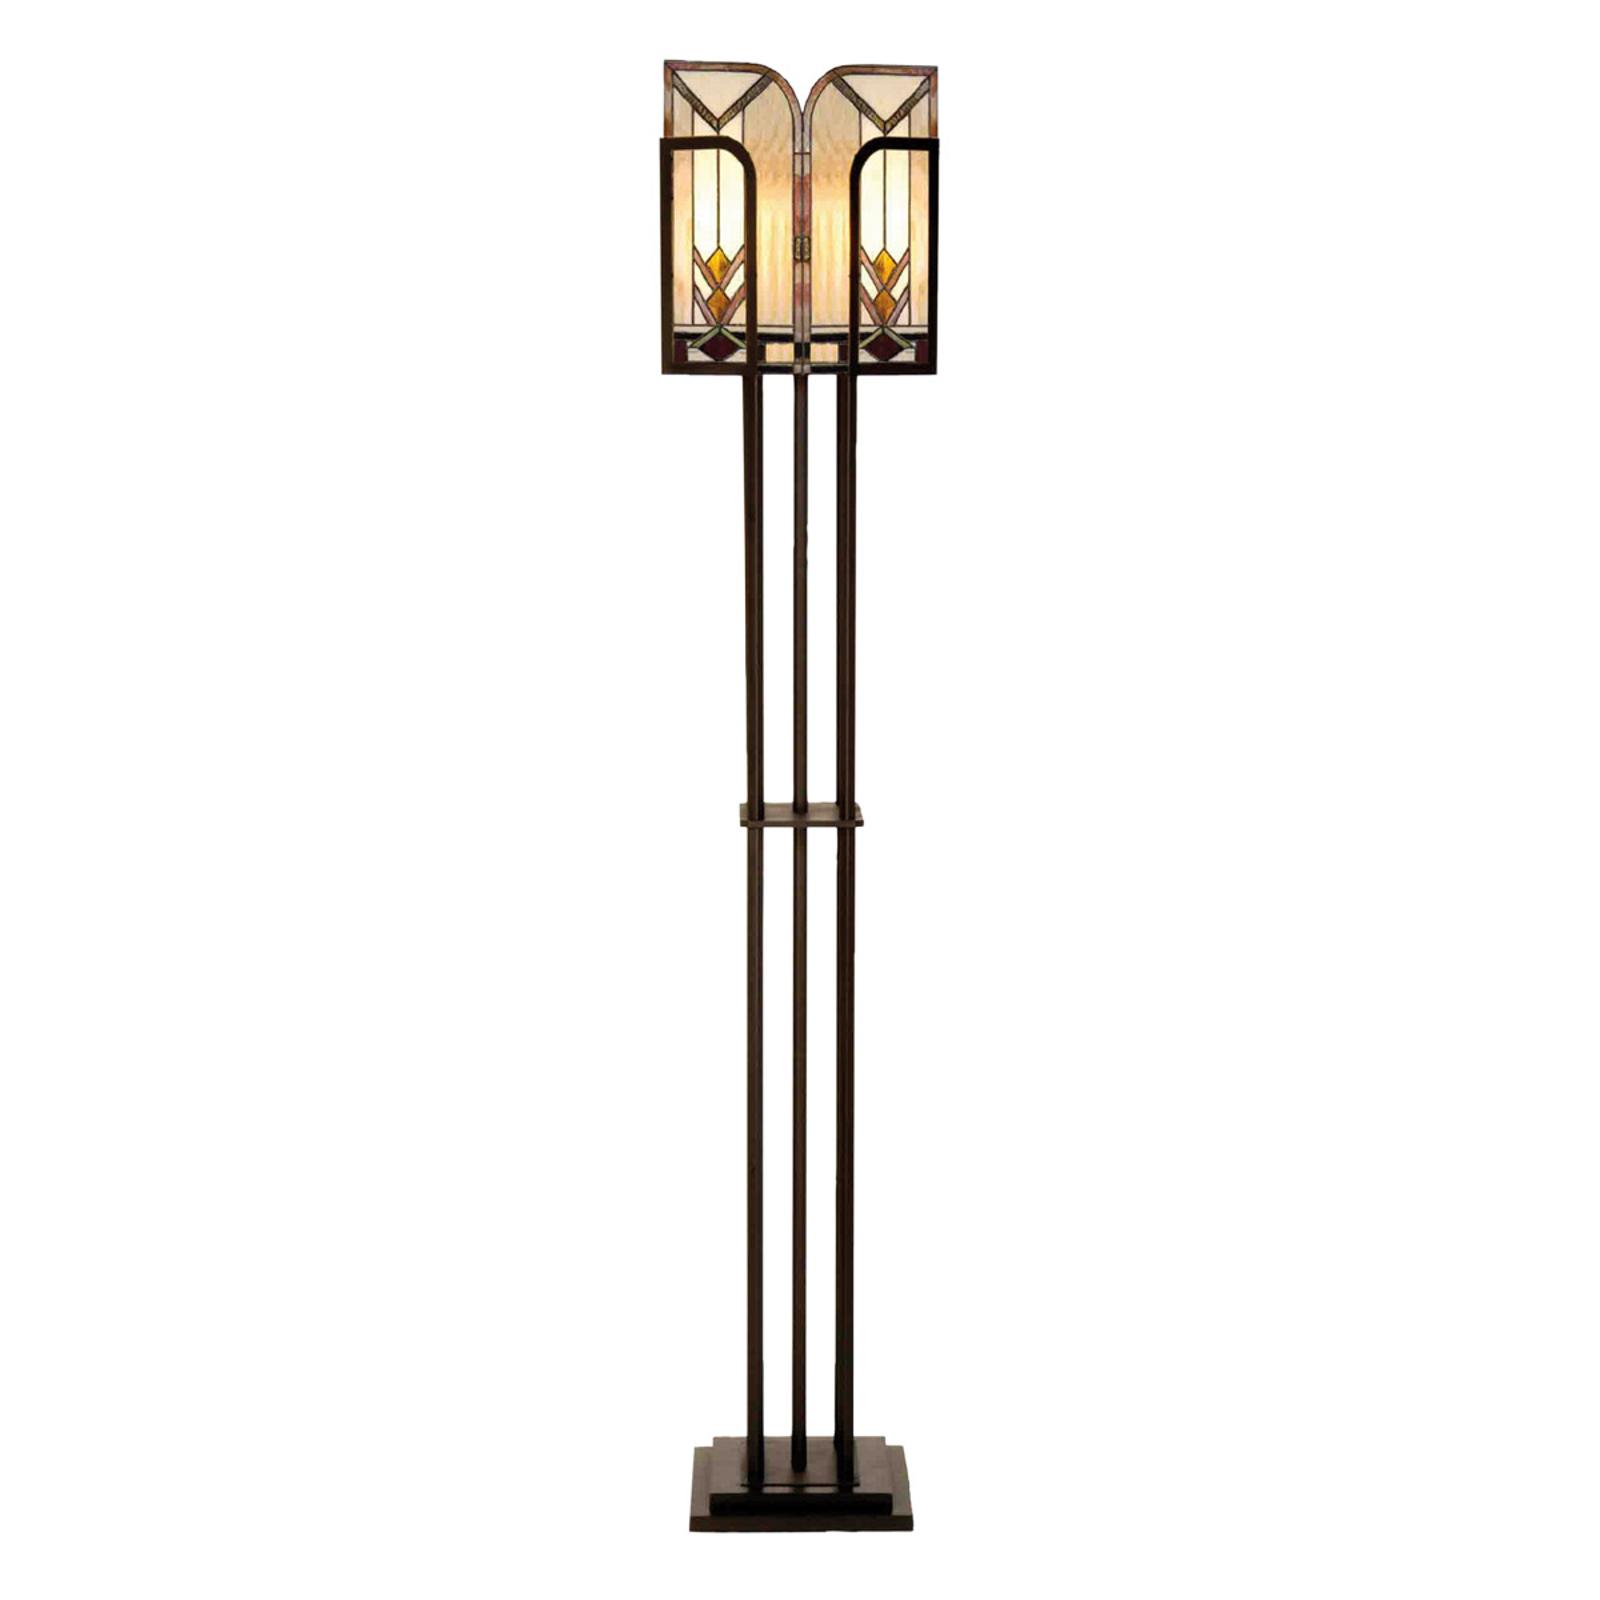 Lampa stojąca Madison w stylu Tiffany